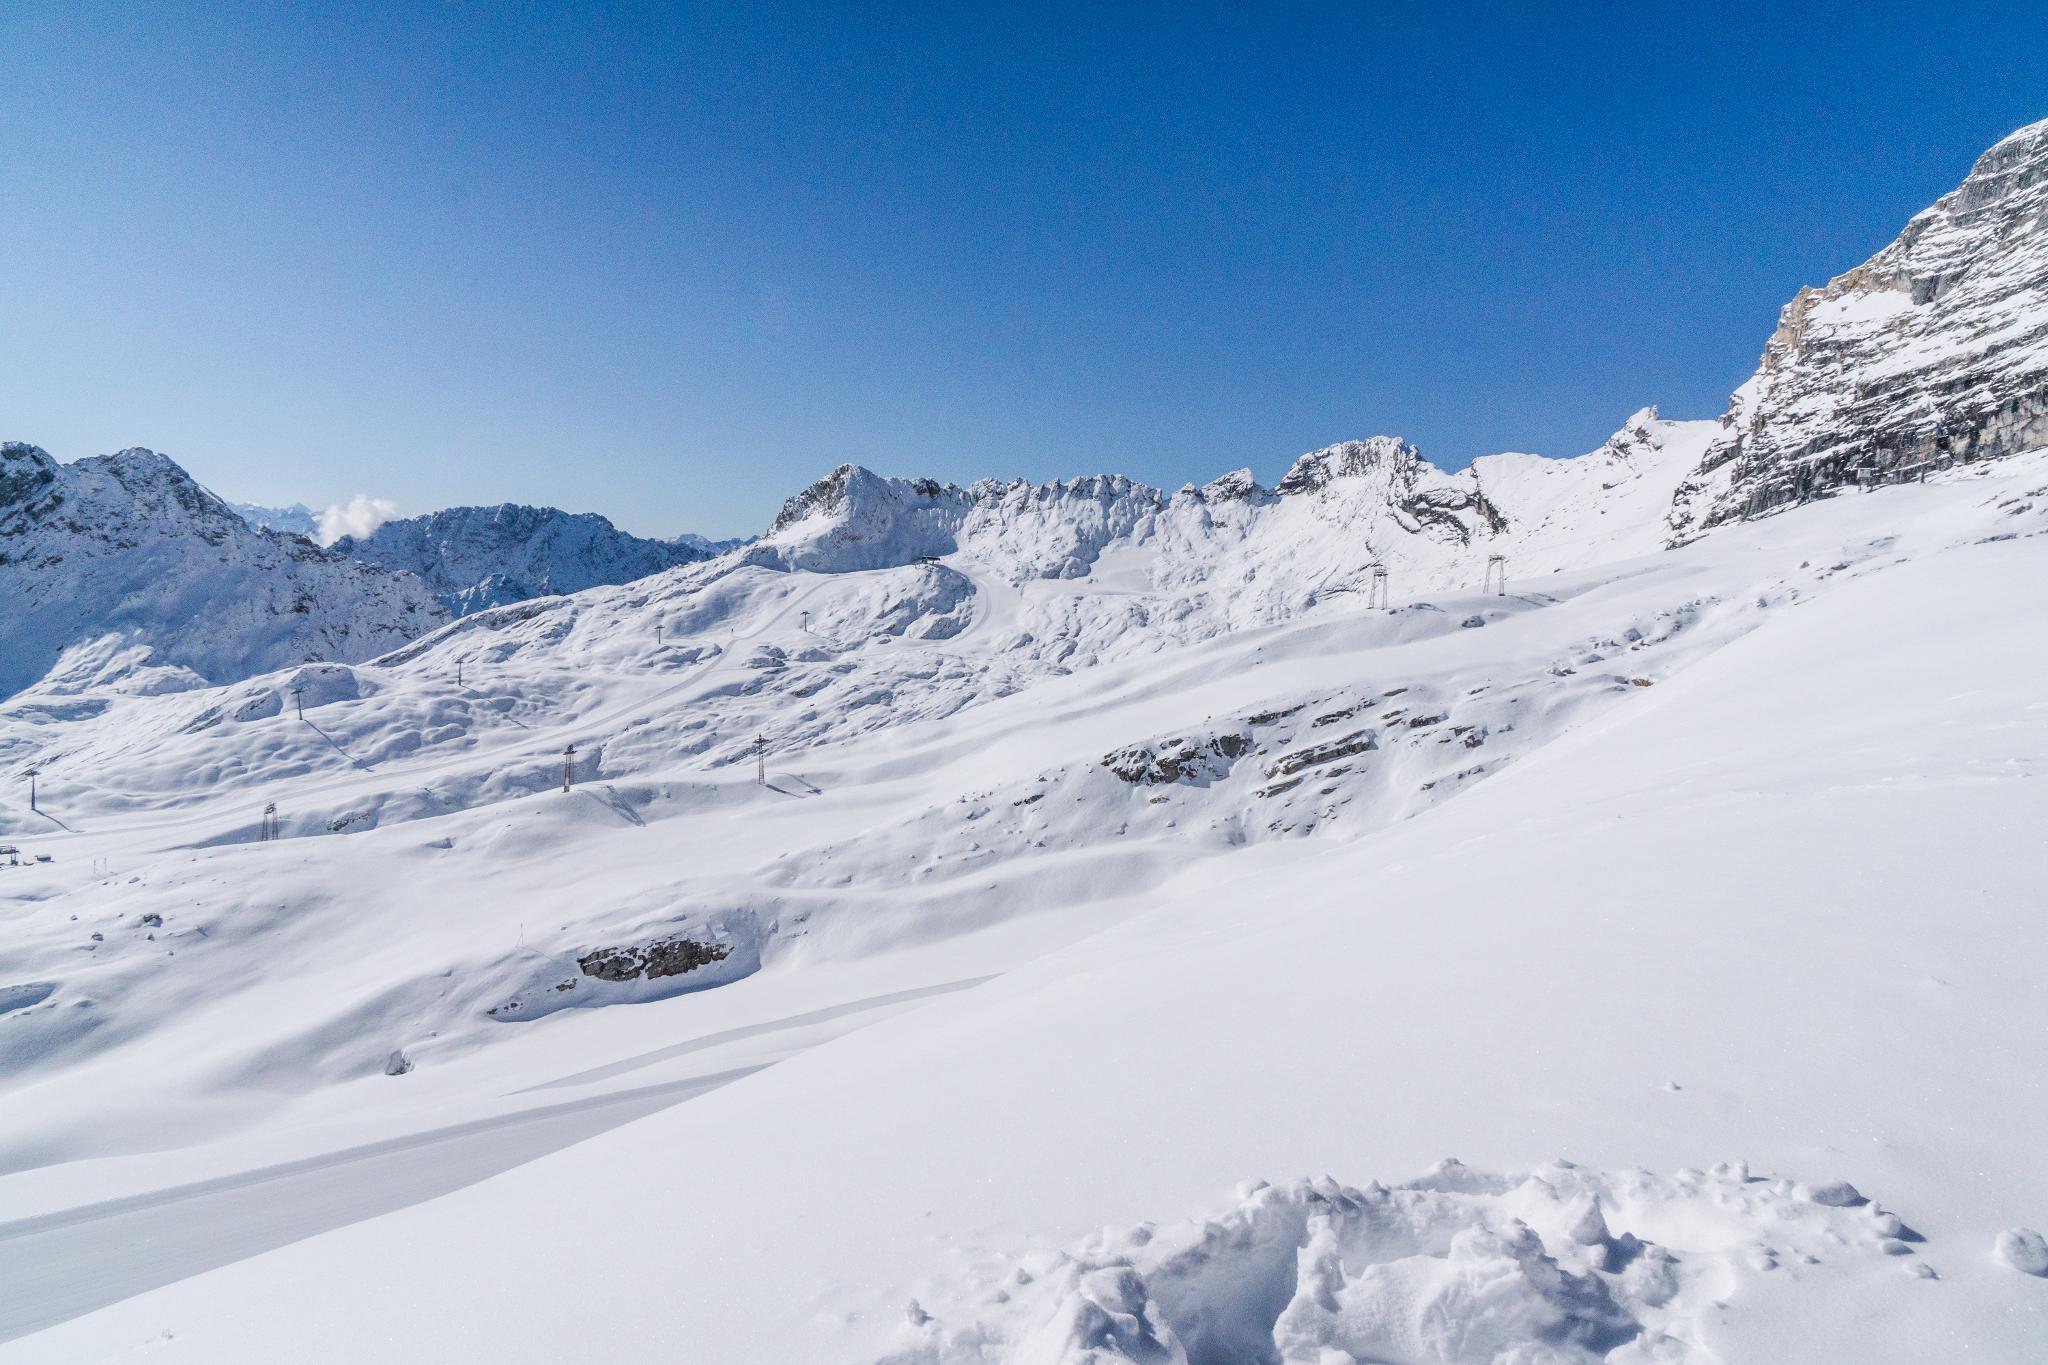 【德國】阿爾卑斯大道:楚格峰 (Zugspitze) 登上德國之巔 23